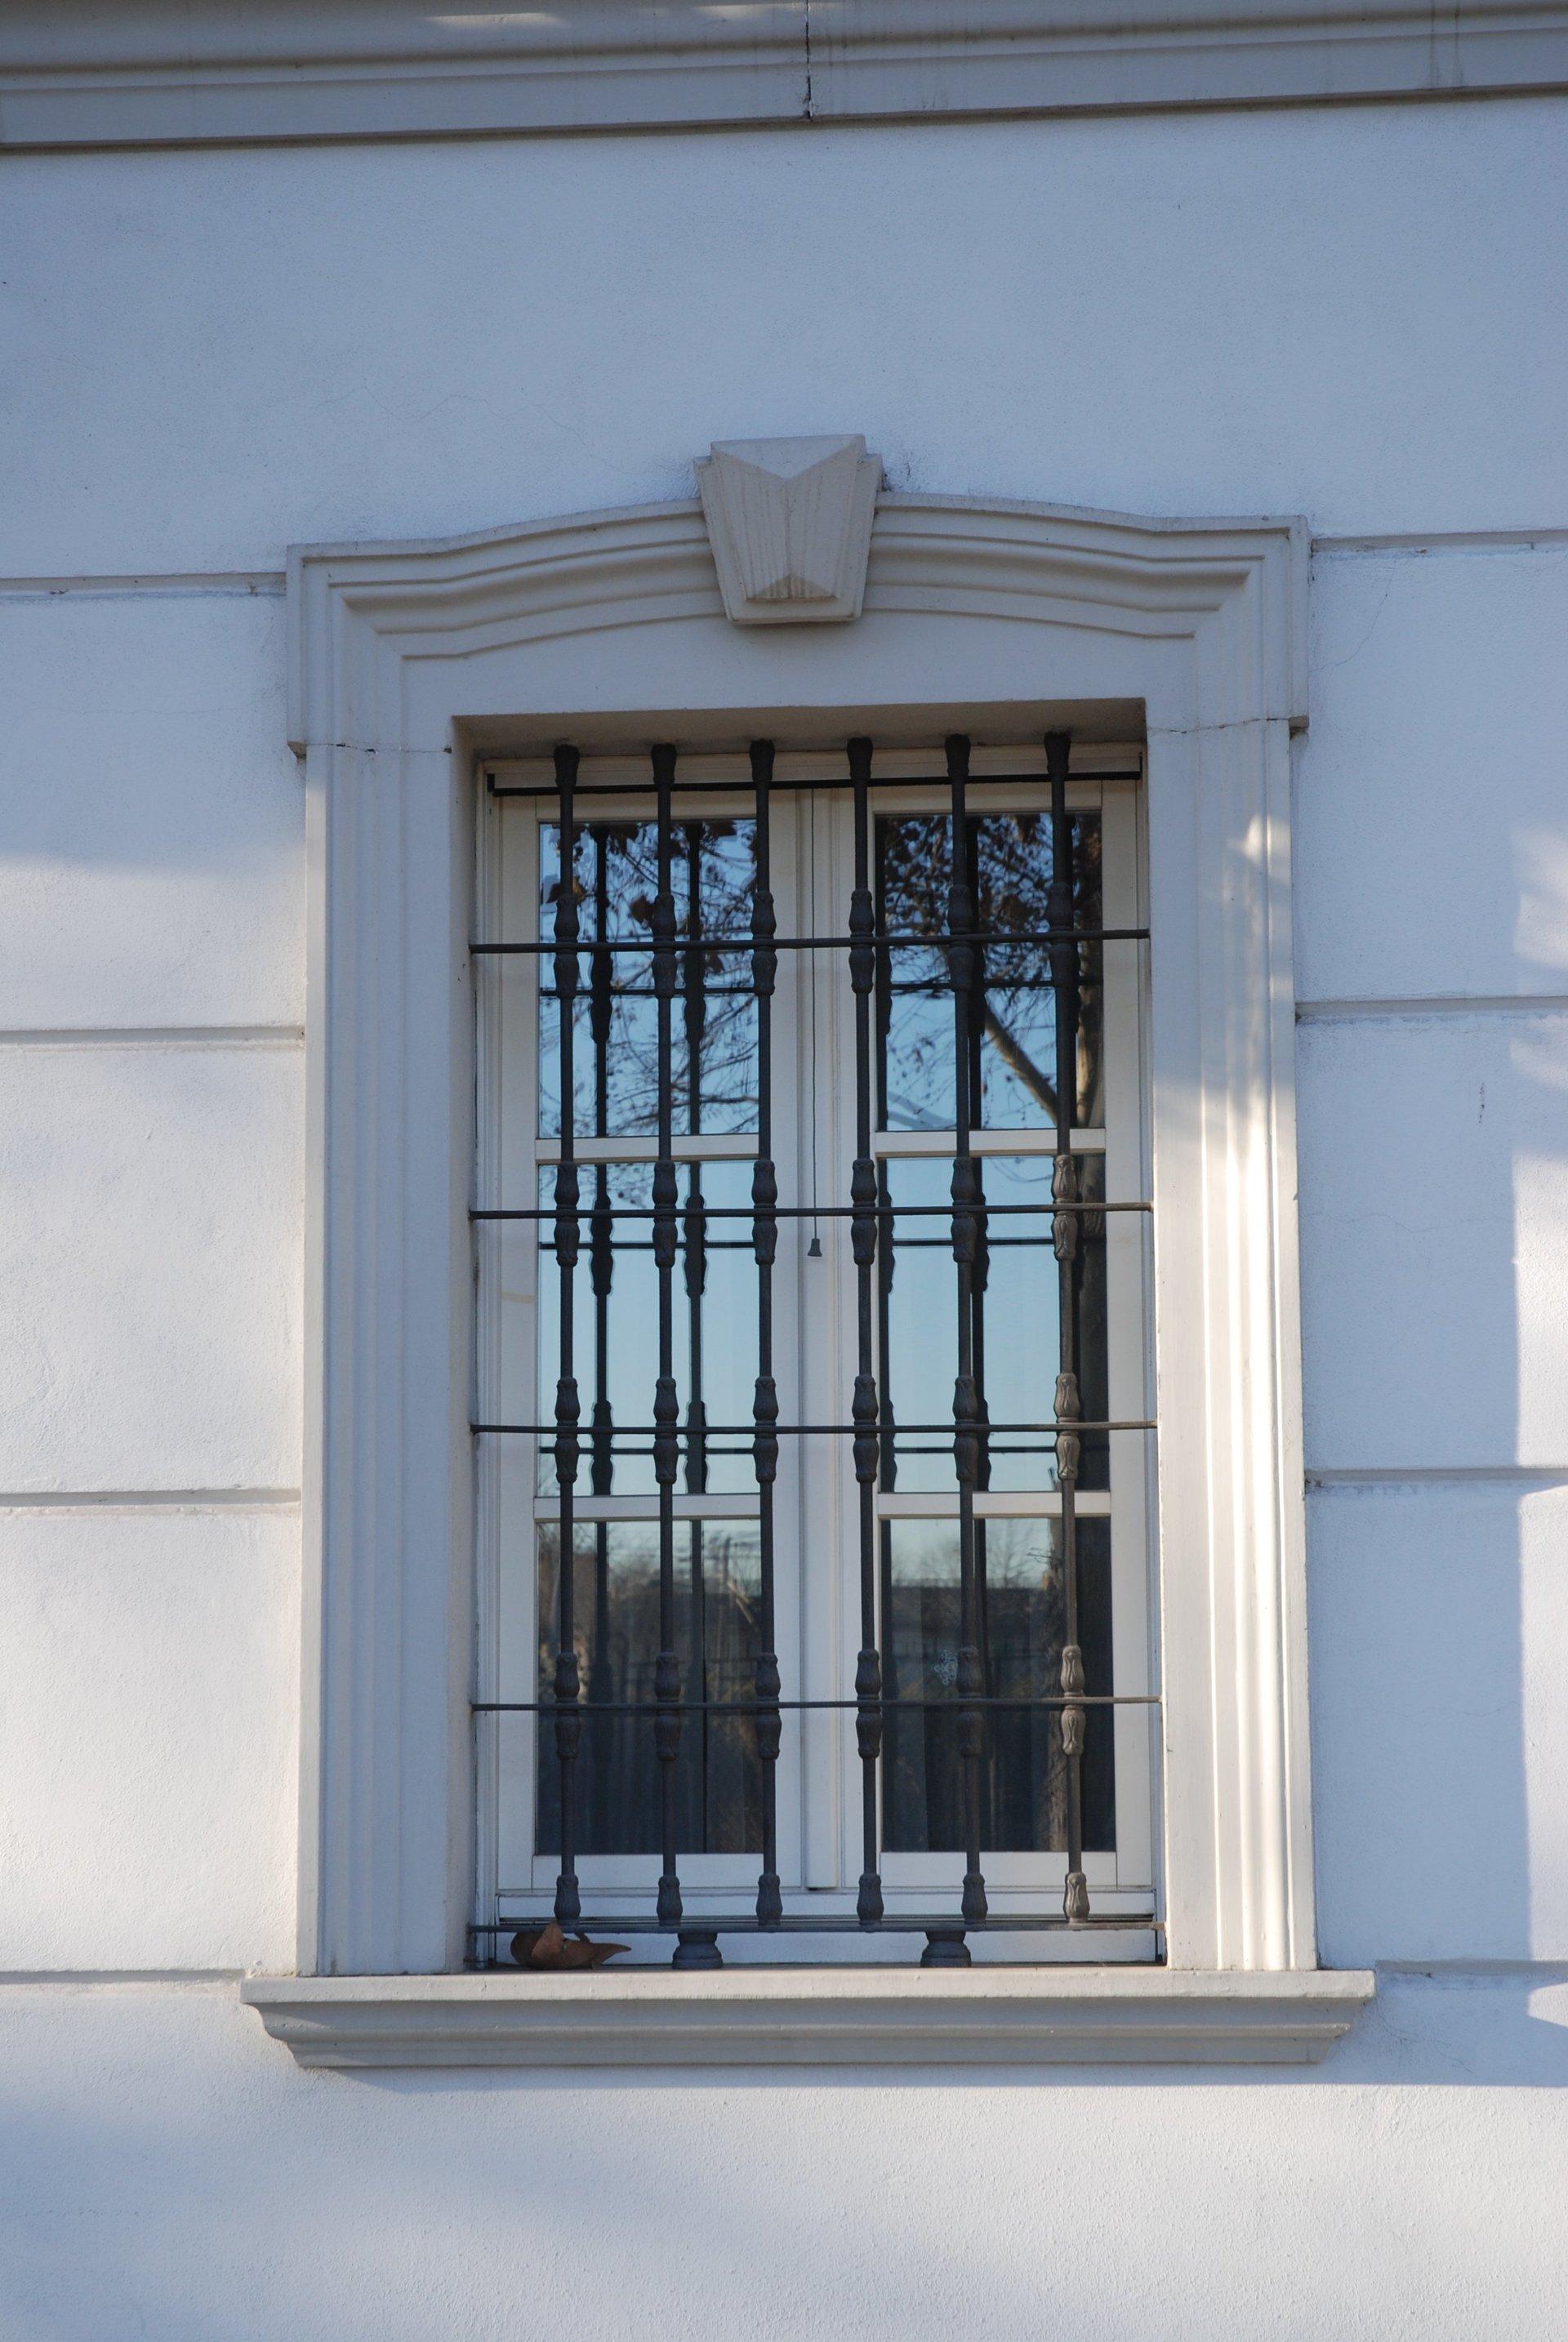 Realizzazione cornici e portali in cemento armato alessandria prefabbricati torti - Cornici esterne per finestre ...